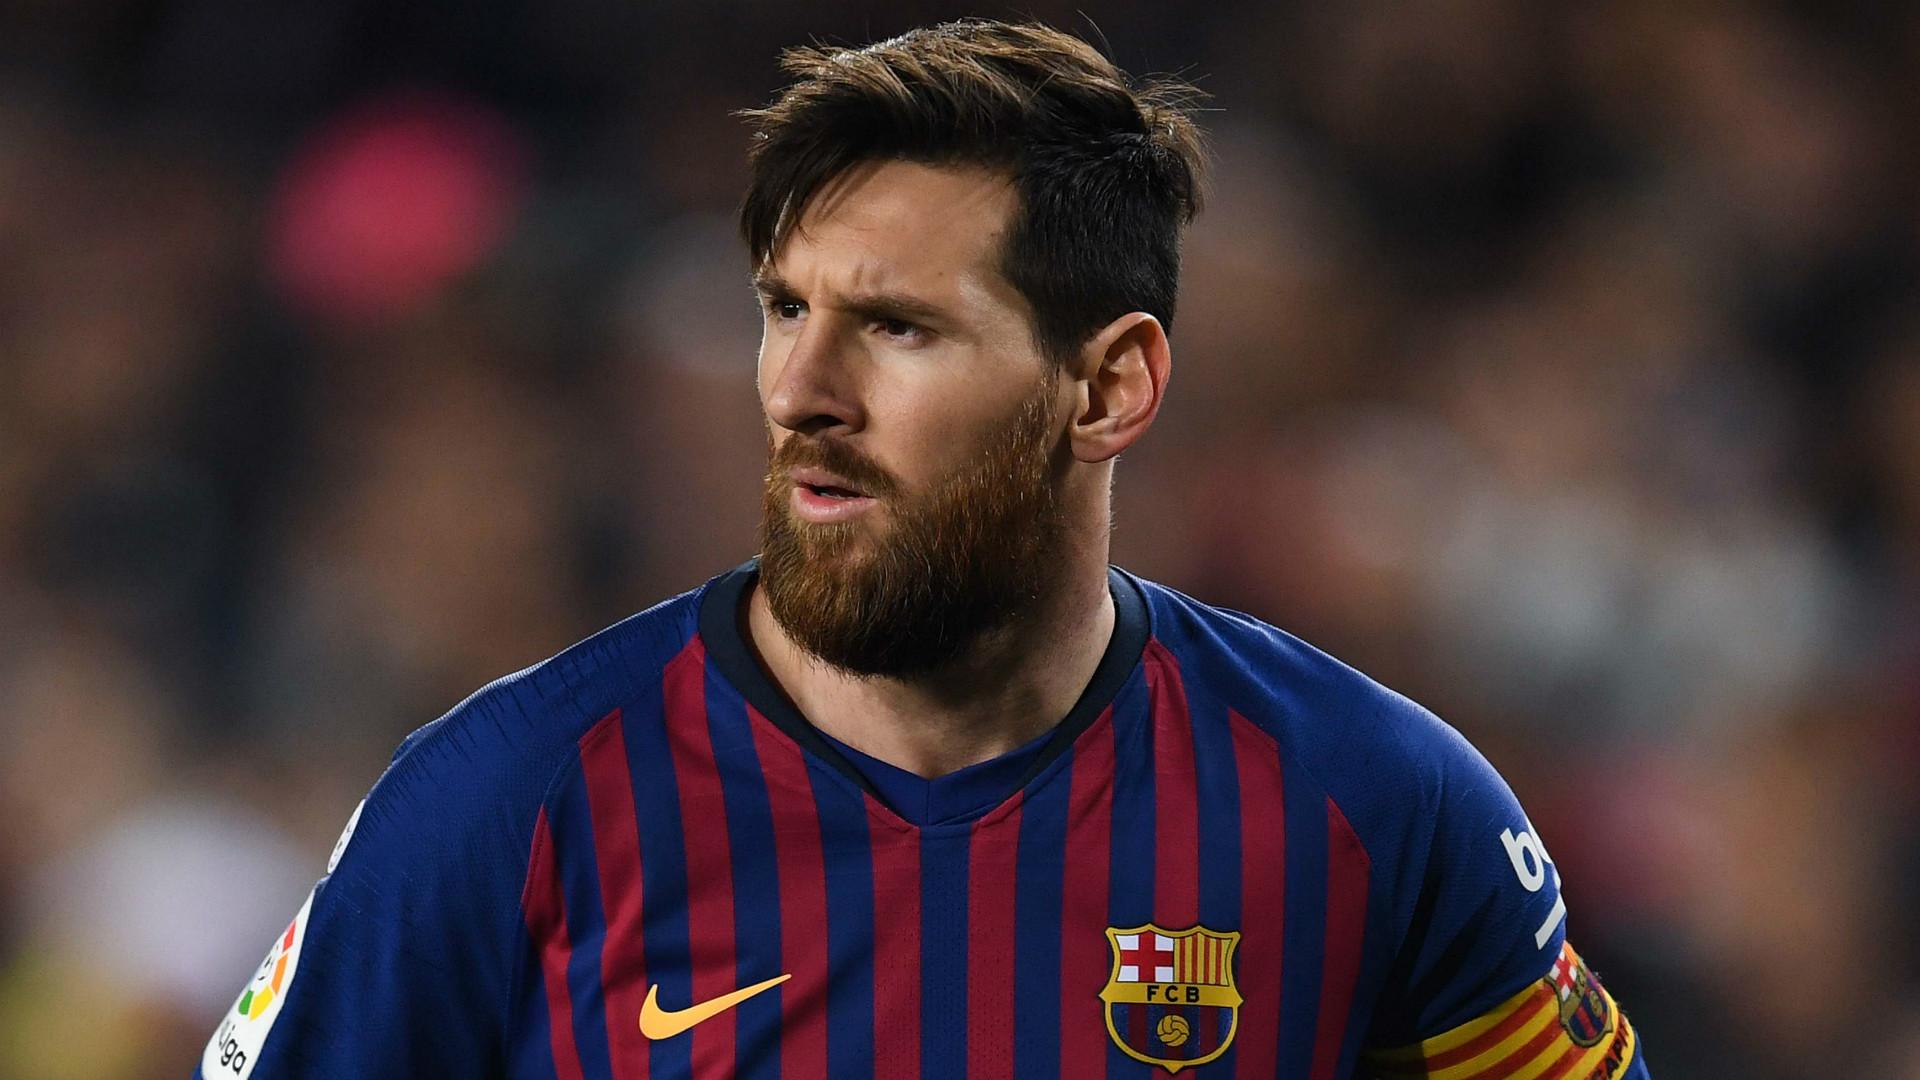 Especialista en genética confirmó que es posible clonar a Lionel Messi